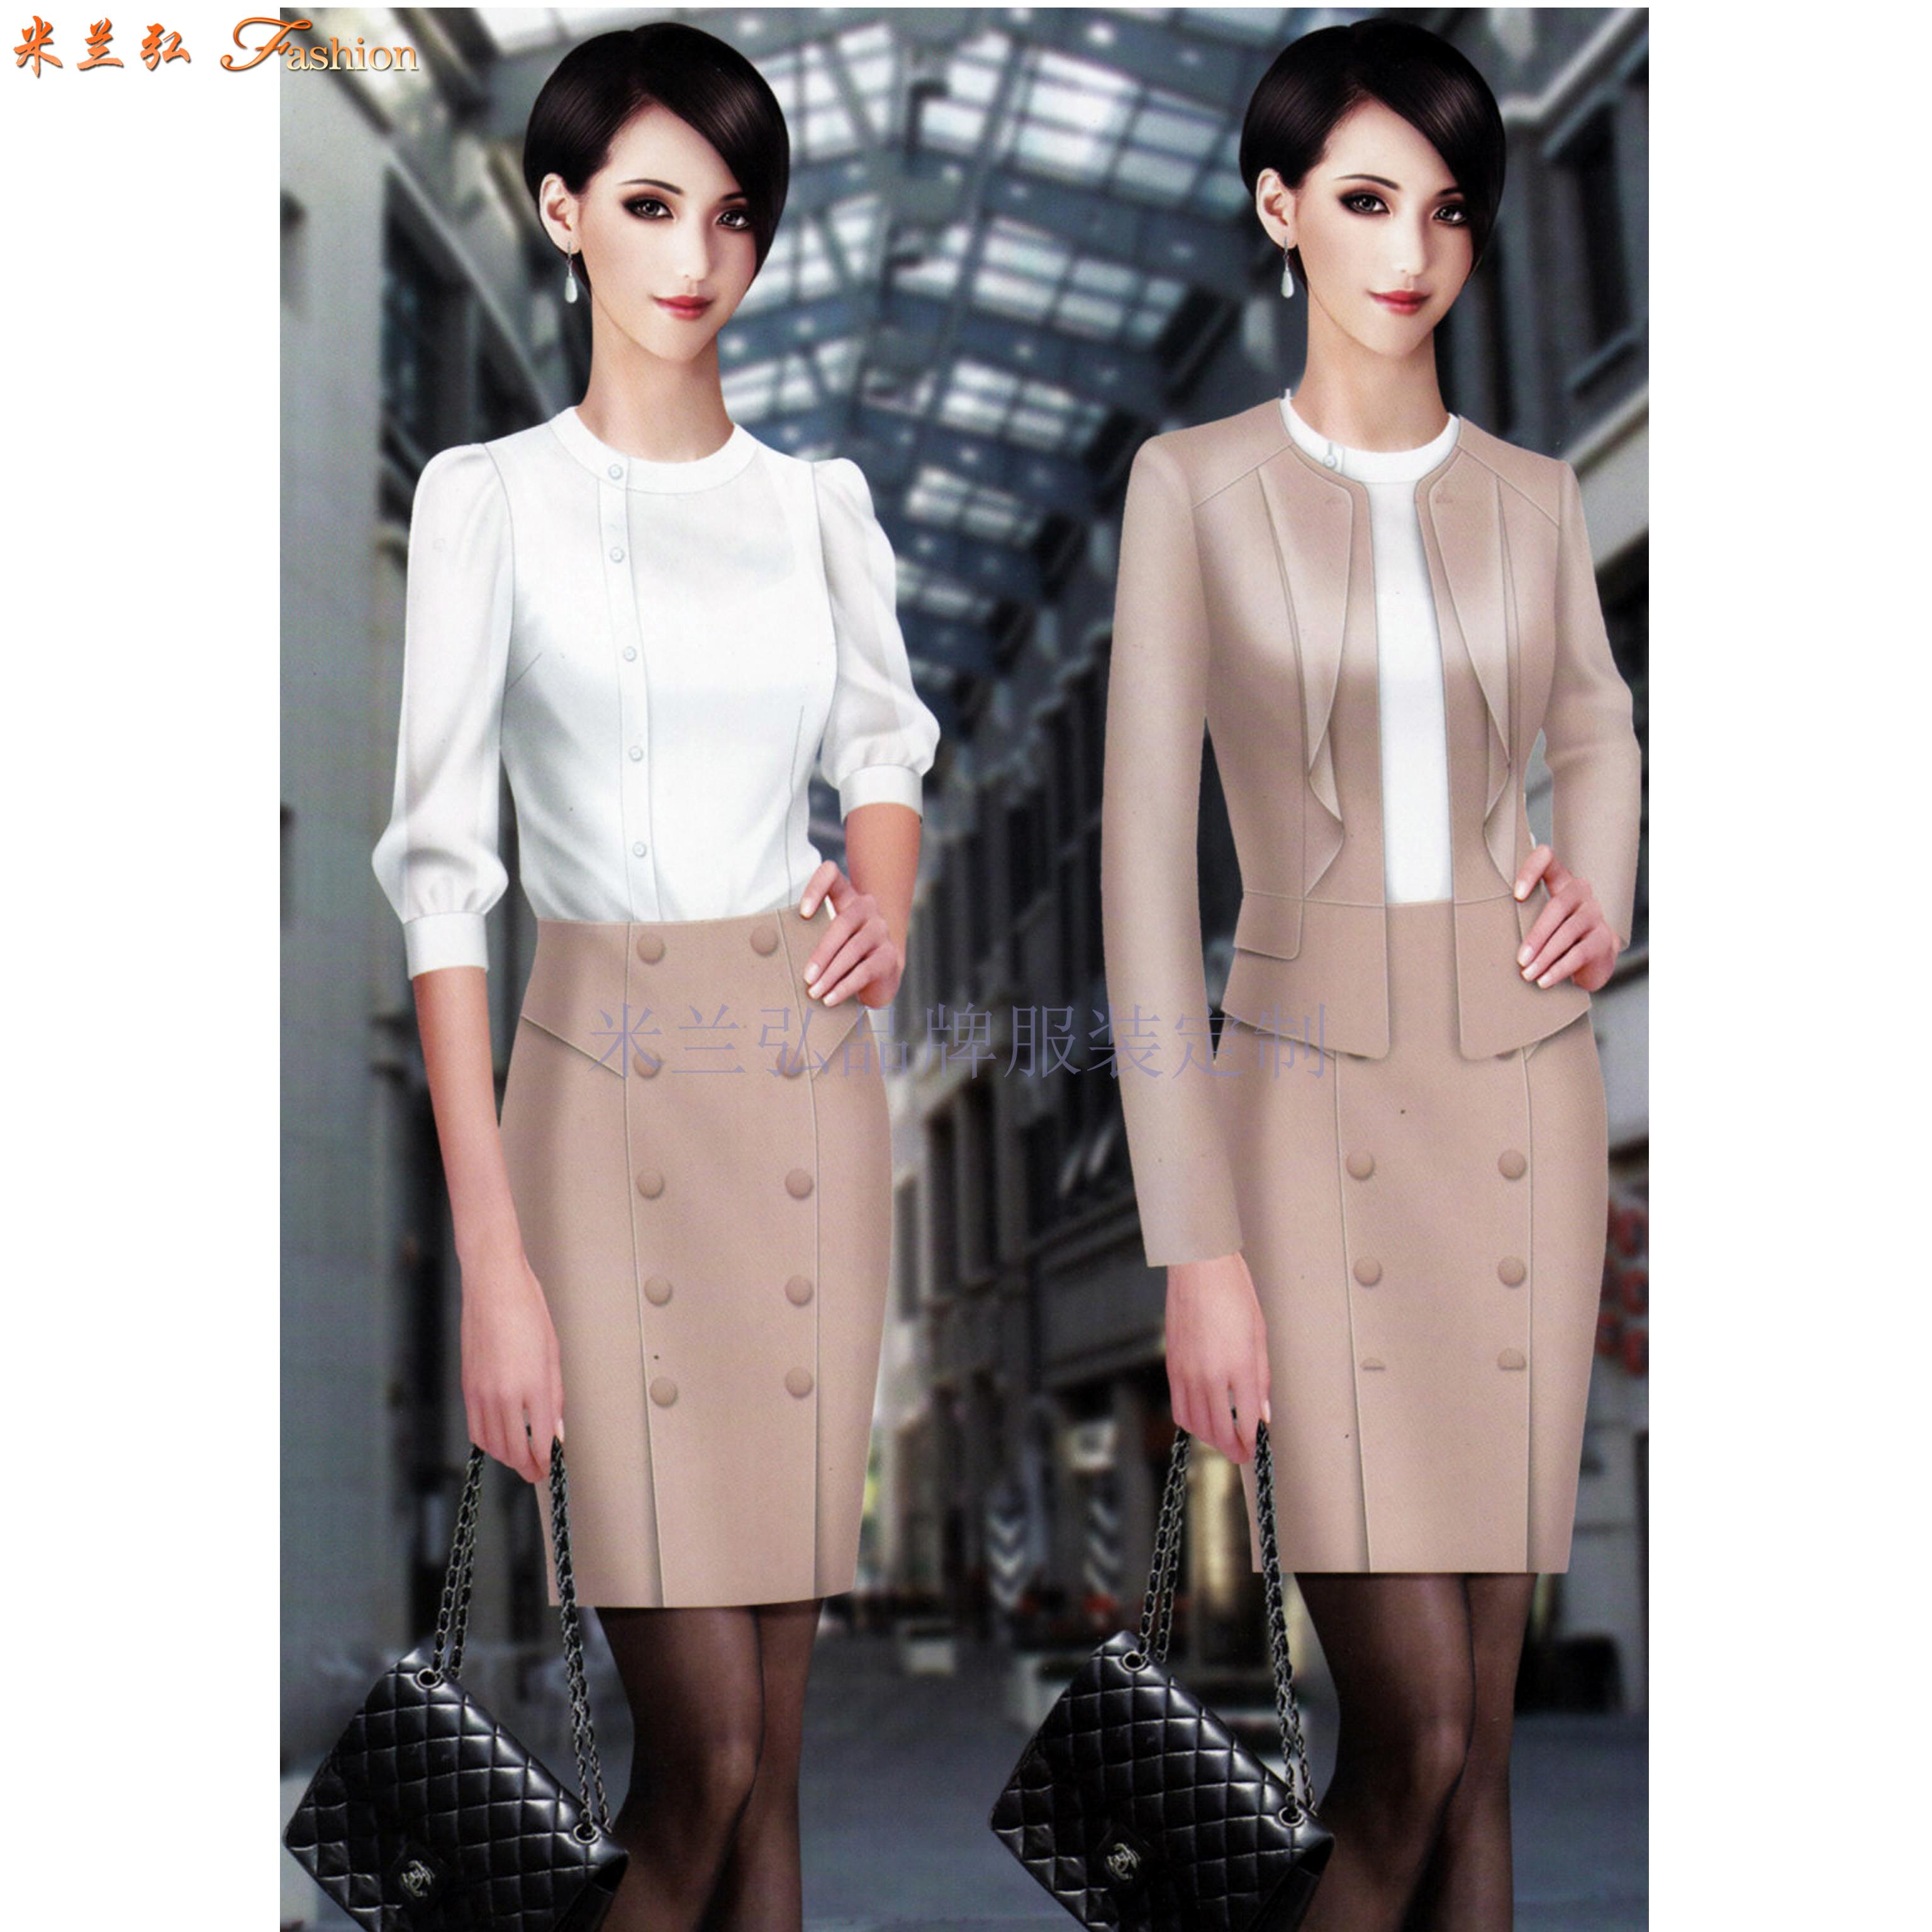 女職業裝套裝|美女搭配新款時尚職業小西服圖片-Top米蘭弘-5